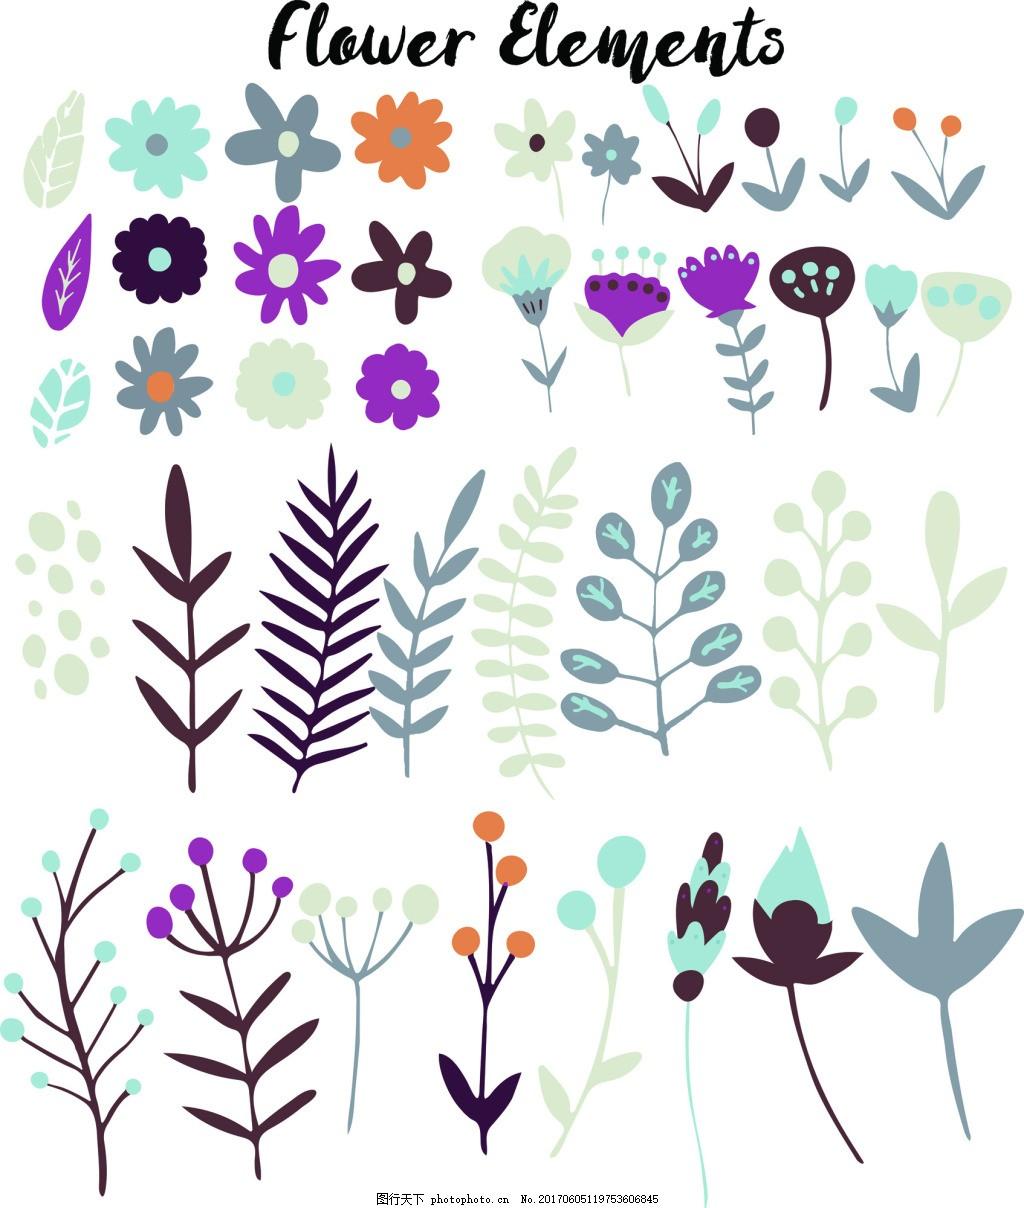 卡通手绘简约花朵树枝 果实 插画 装饰 树叶 夏天 春天 叶子